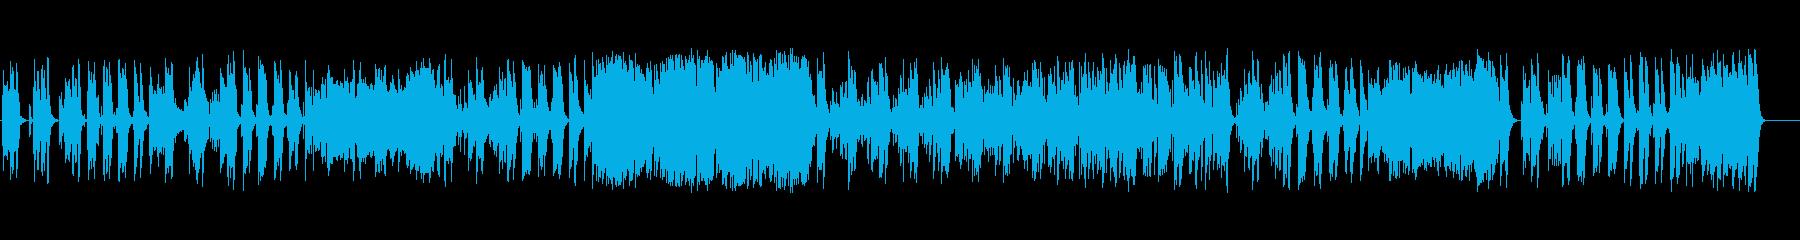 バイブ付きのオーケストラジャズチ...の再生済みの波形